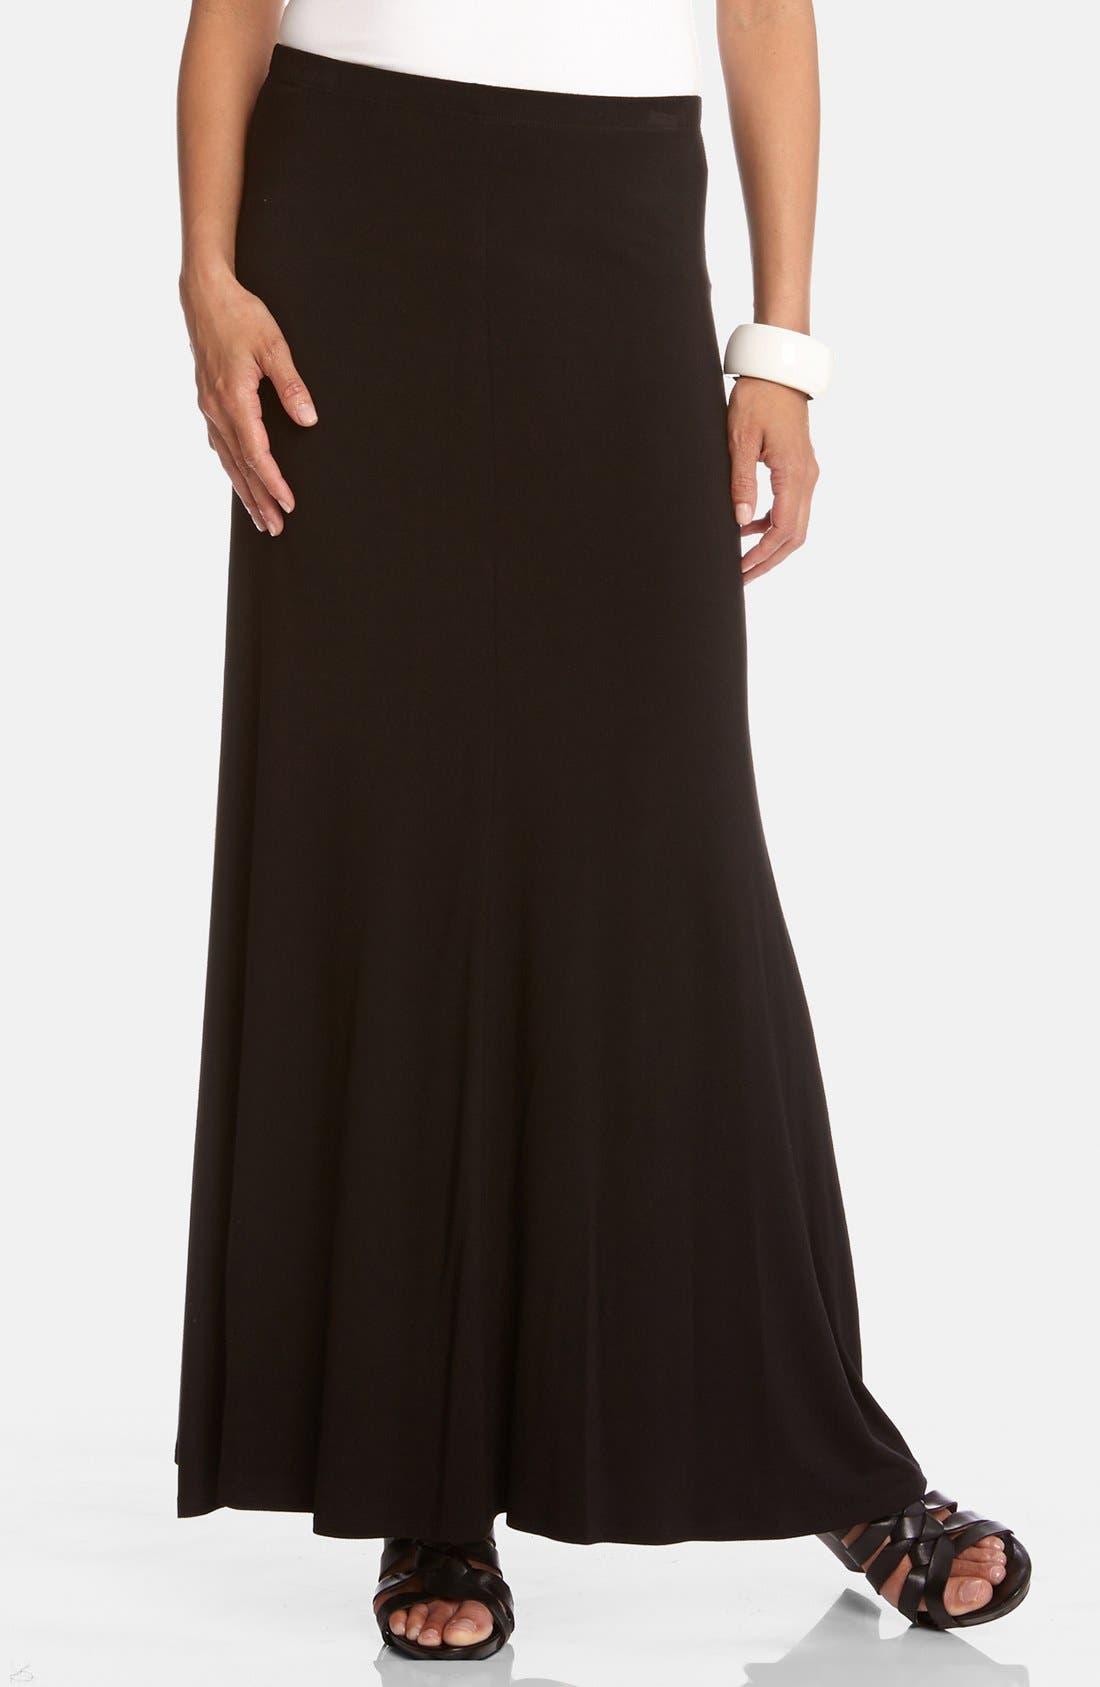 Alternate Image 1 Selected - Karen Kane Flared Maxi Skirt